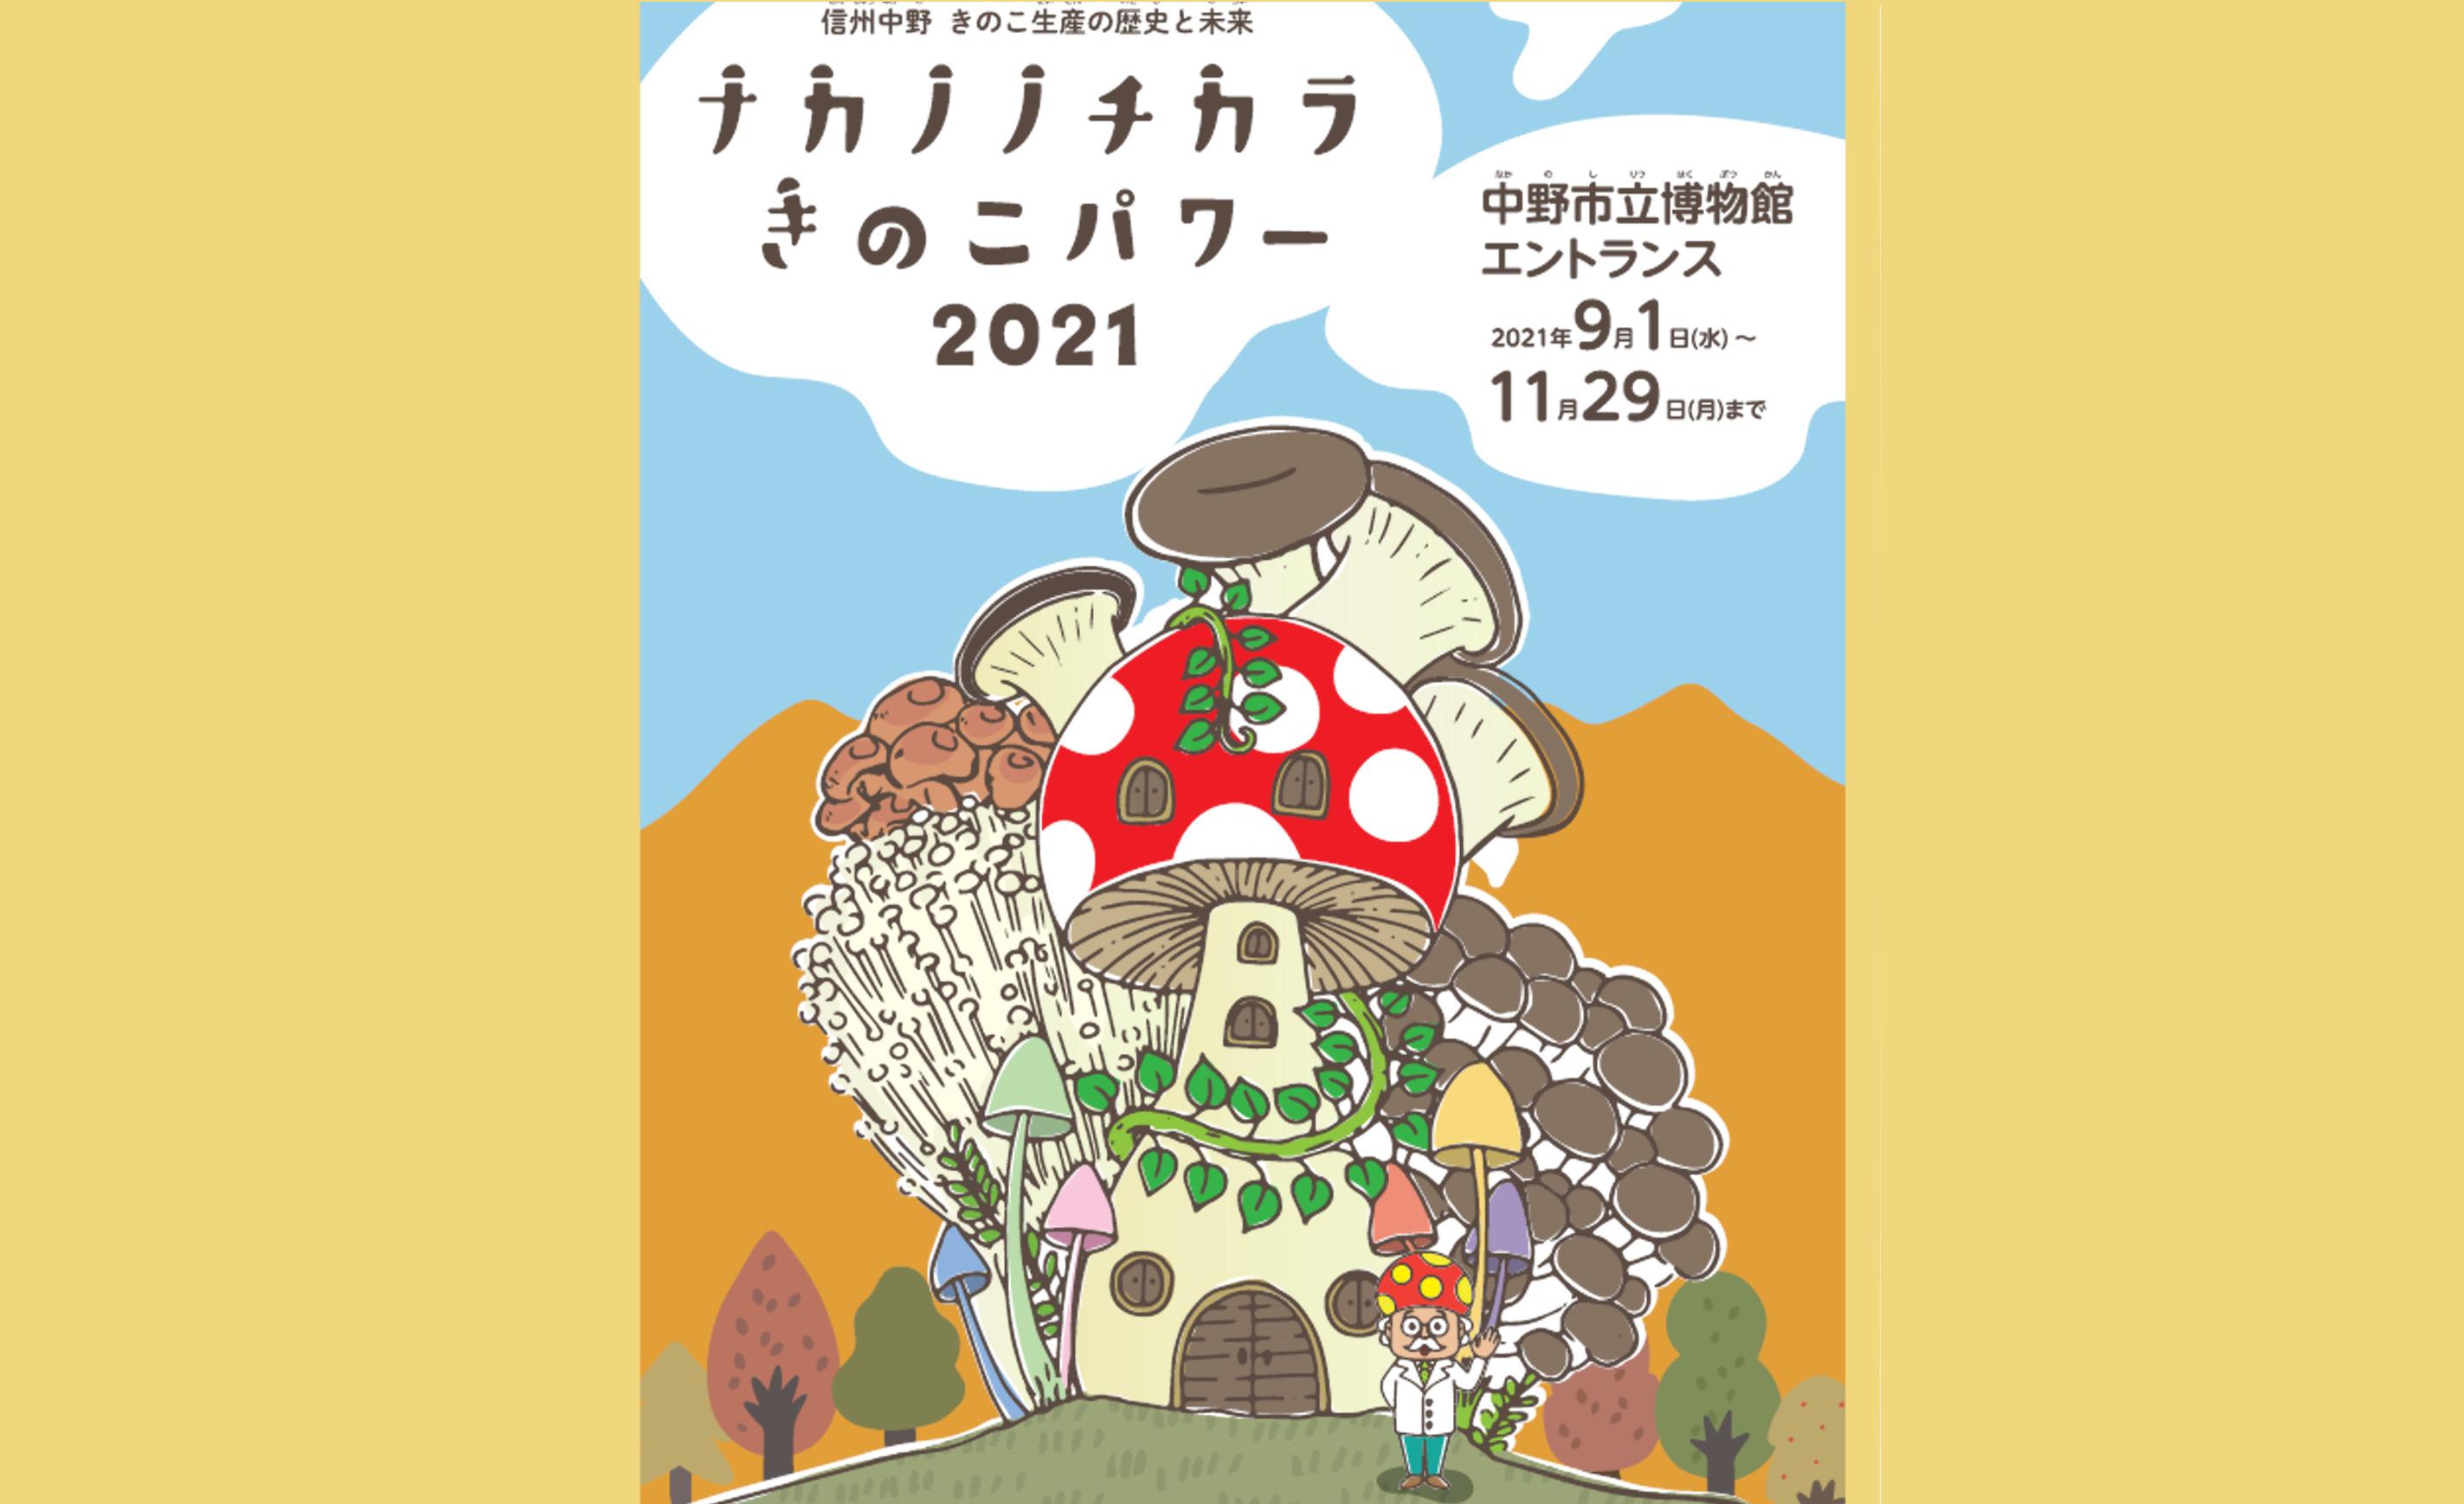 【イベント情報】信州中野きのこ生産の歴史と未来~ナカノノのチカラきのこパワー2021~